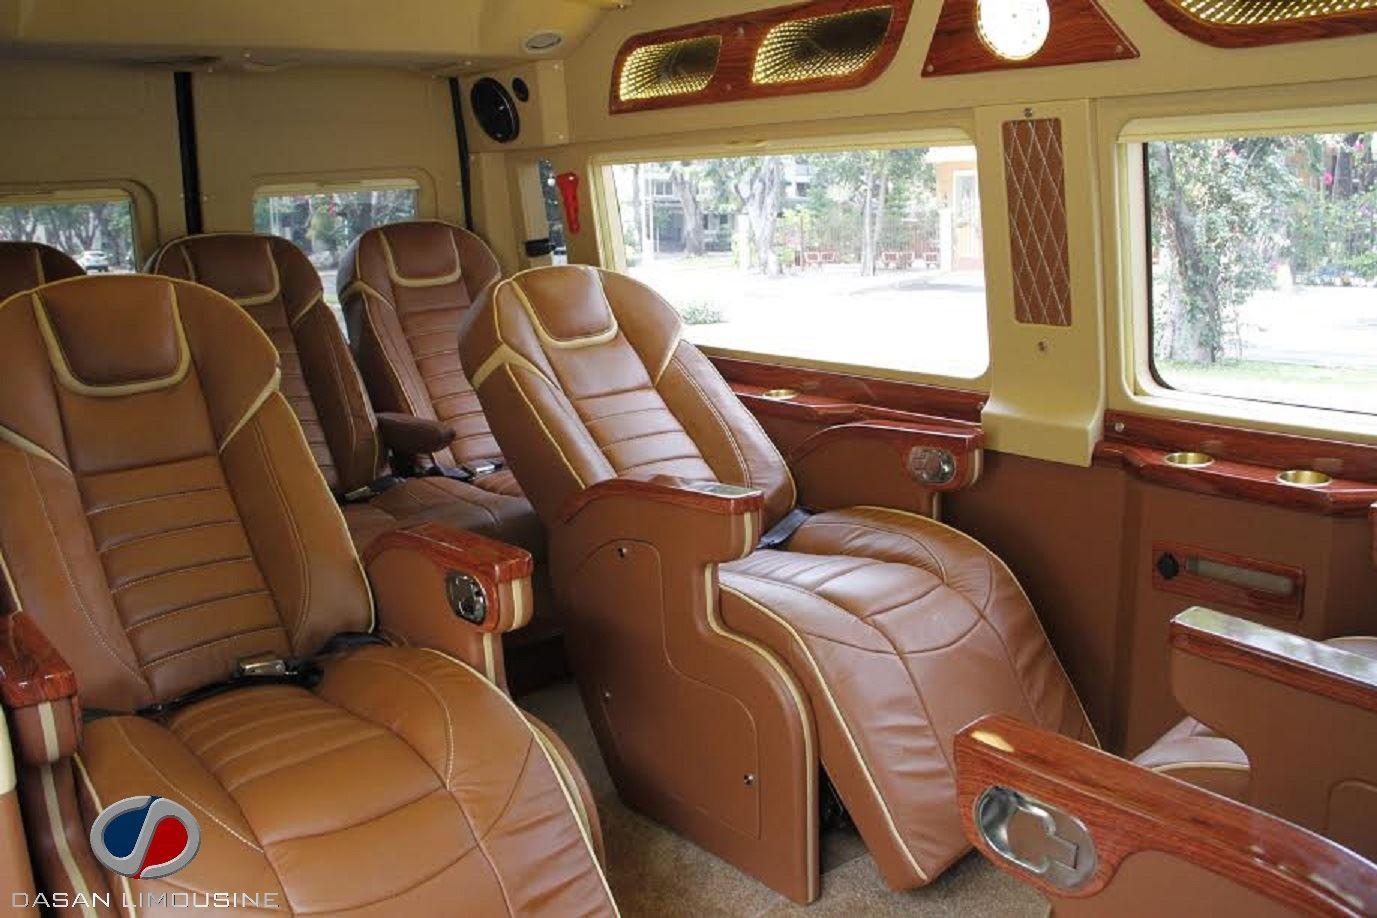 Mẫu nội thất Ford Dasan CT270 ghế màu da bò phối viền kem, trần và vách hông lửng màu kem sáng